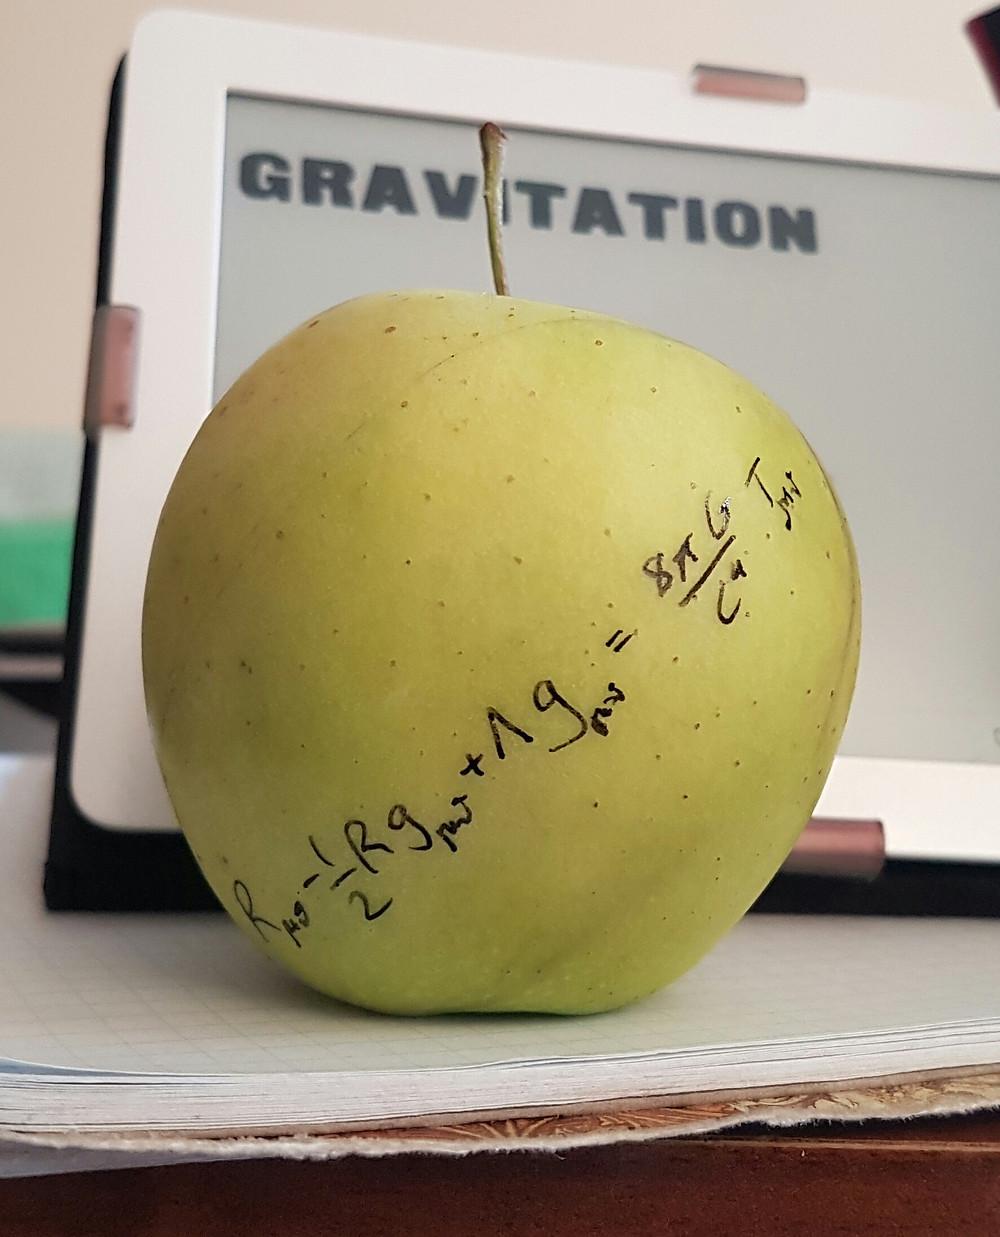 Einstein's field equations